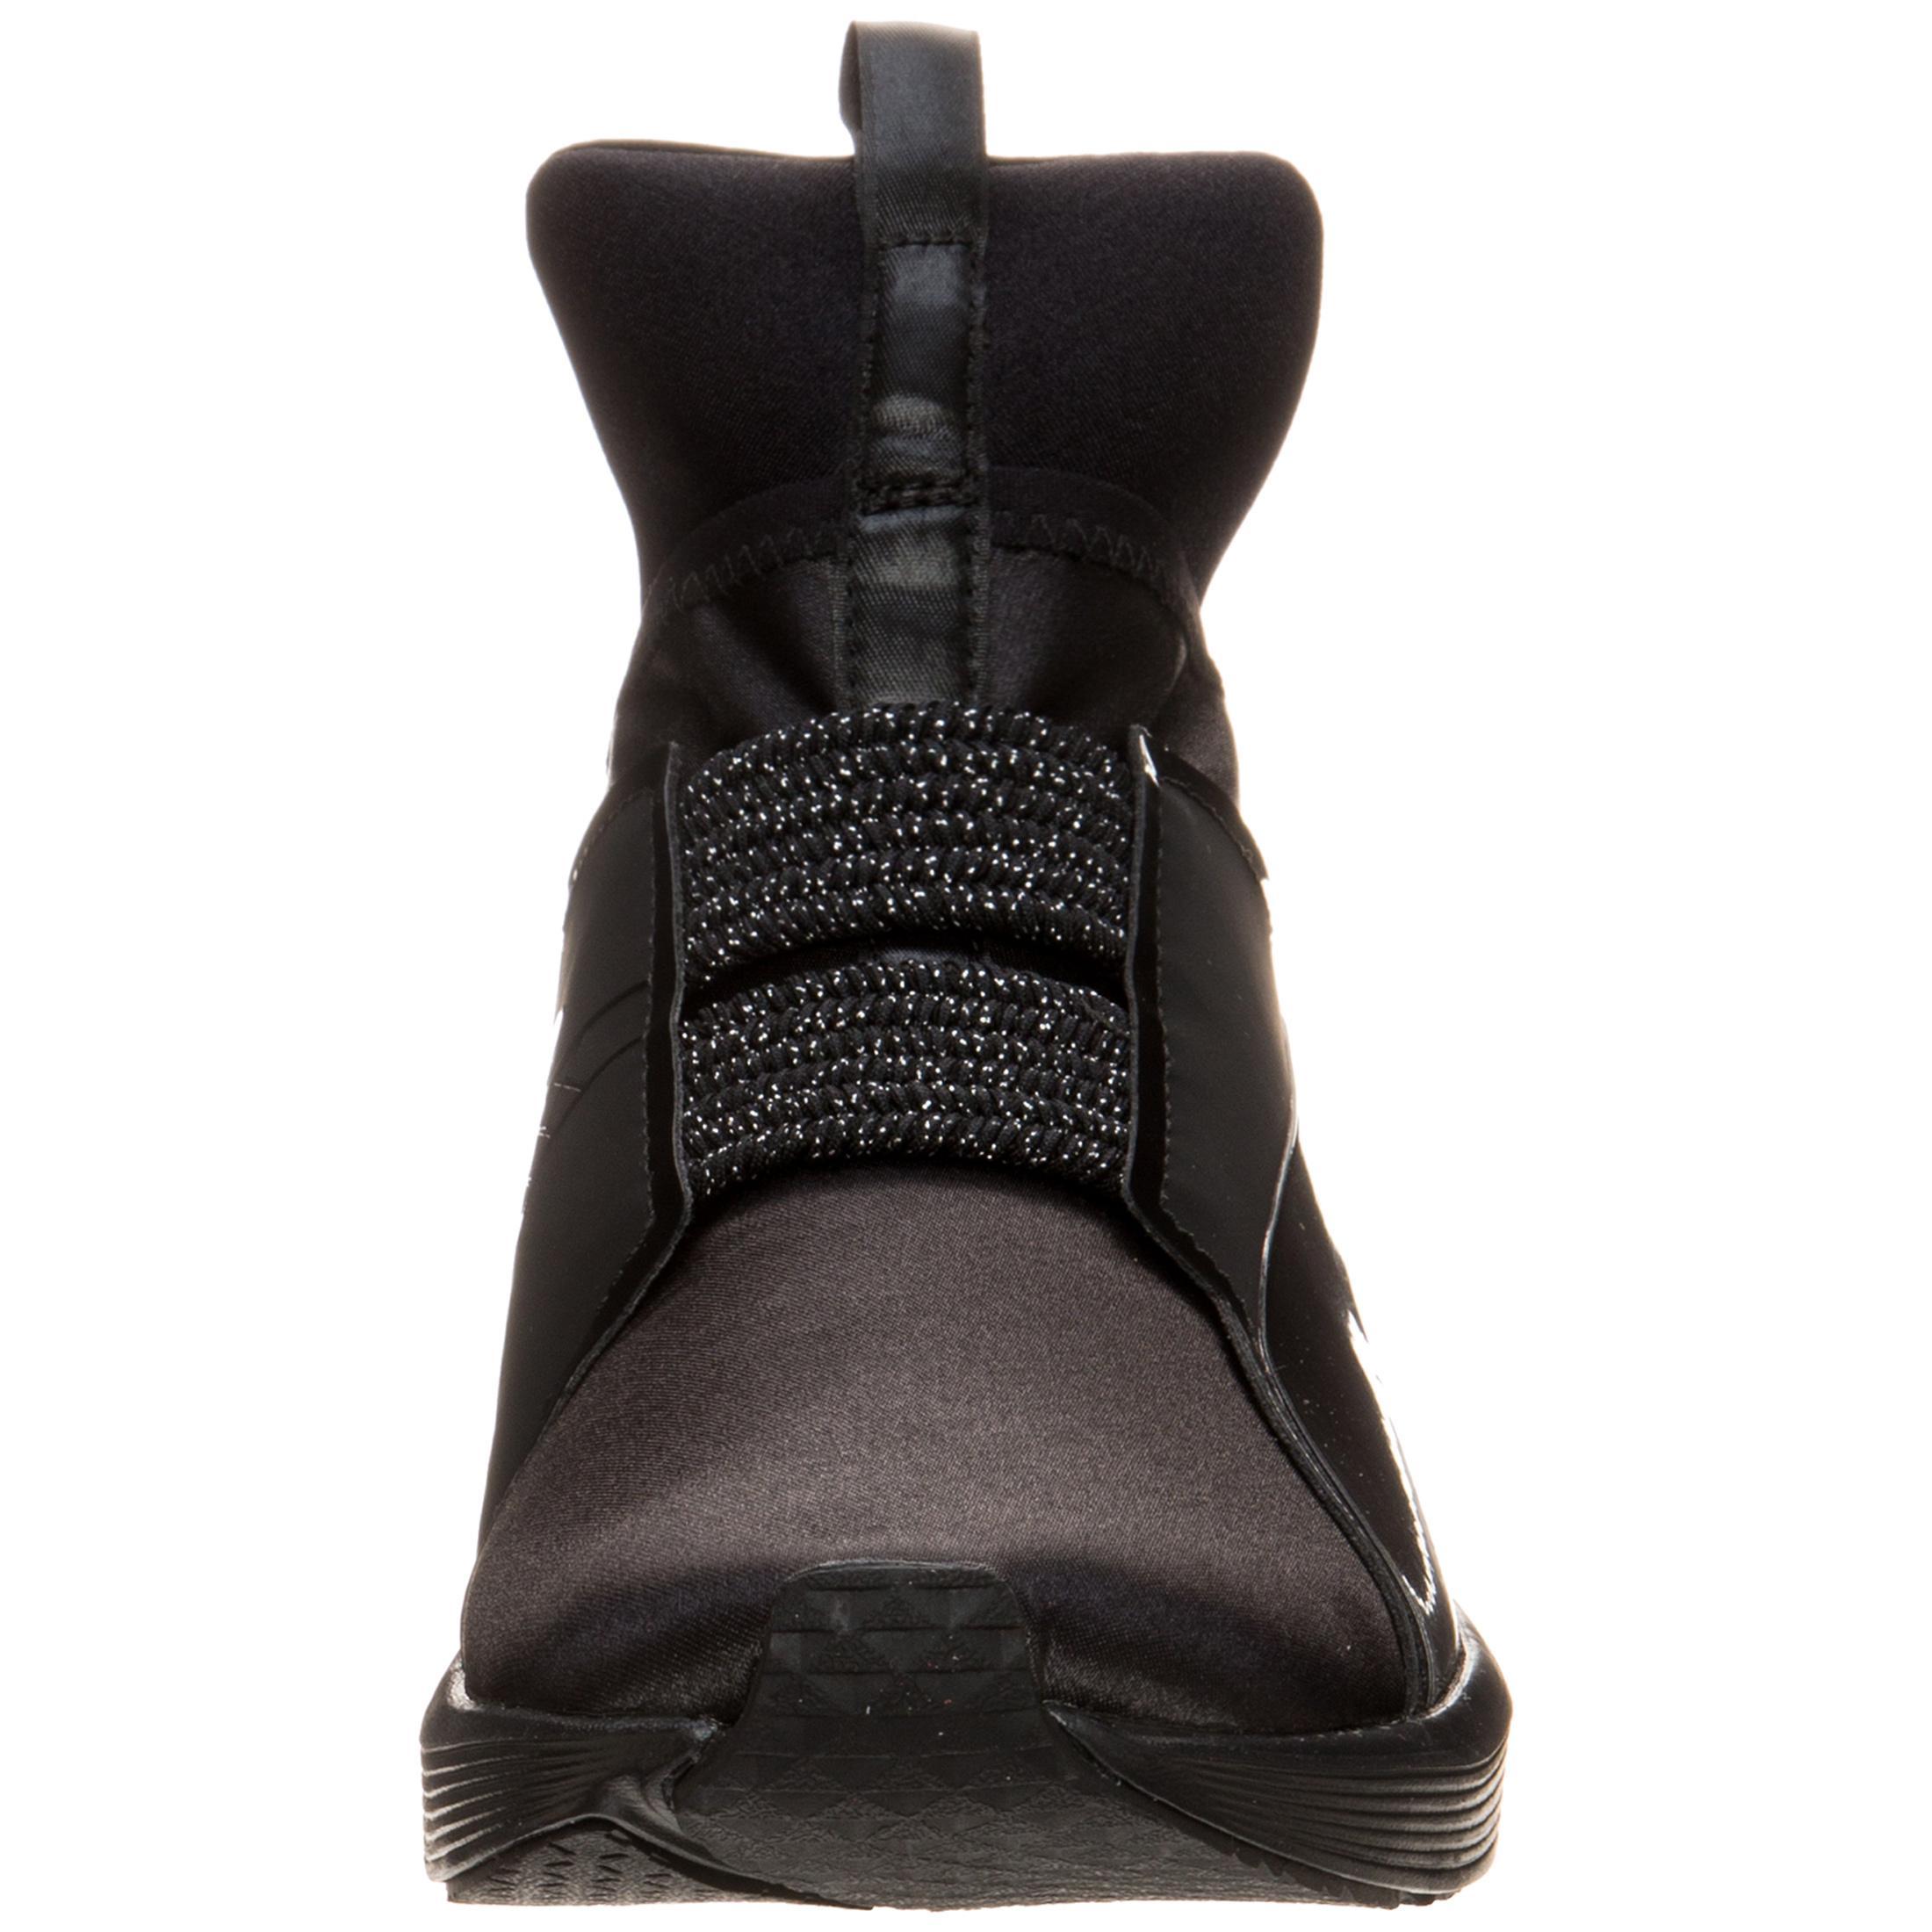 PUMA Fierce Satin En Pointe Fitnessschuhe Damen schwarz   silber im Online  Shop von SportScheck kaufen 6b60fad0e